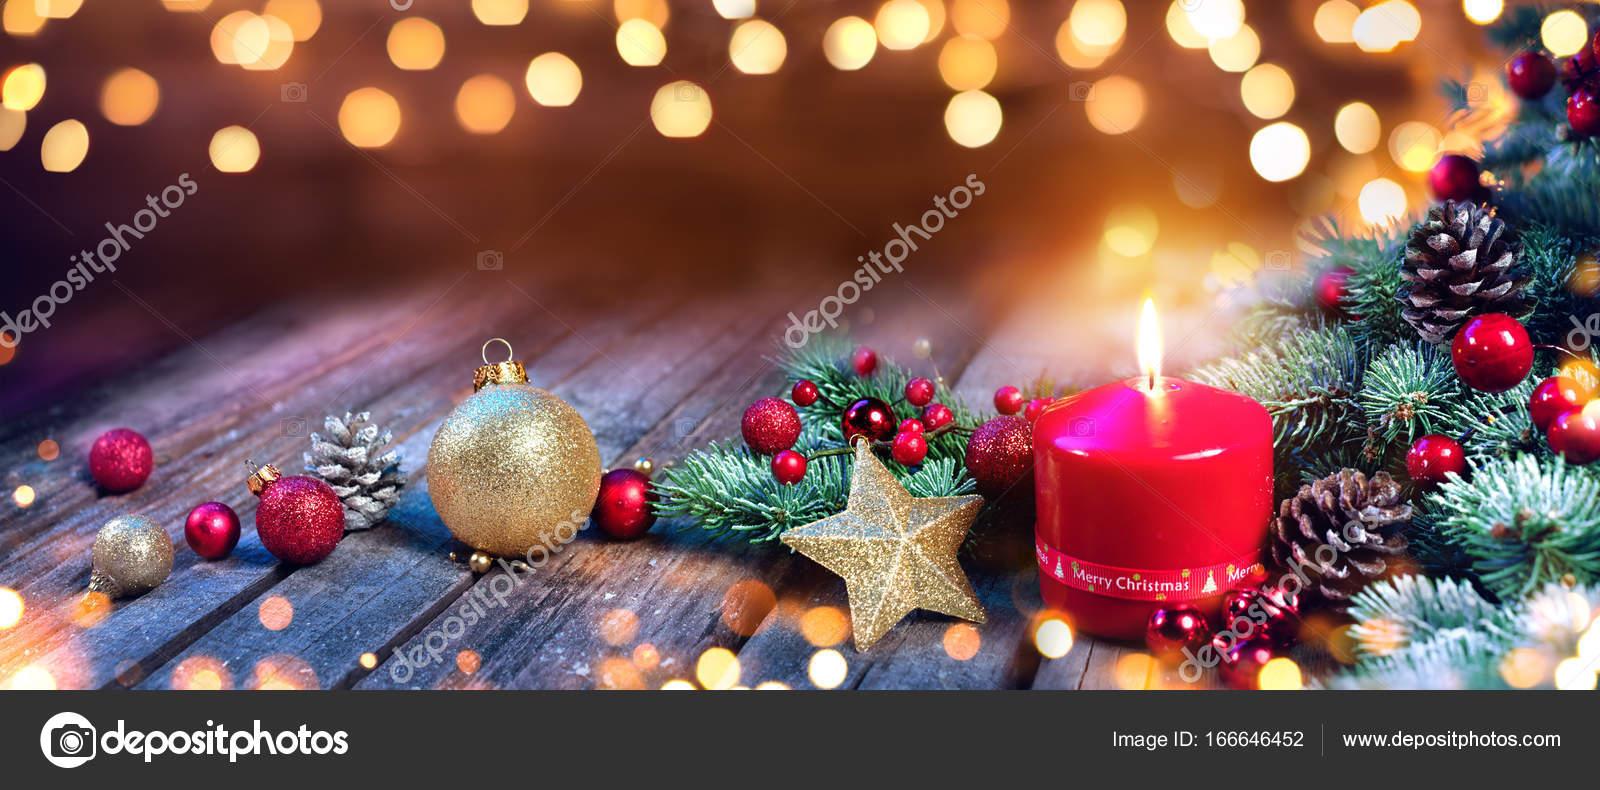 Vela de adviento con adornos navide os en madera vintage - Adornos navidenos con velas ...